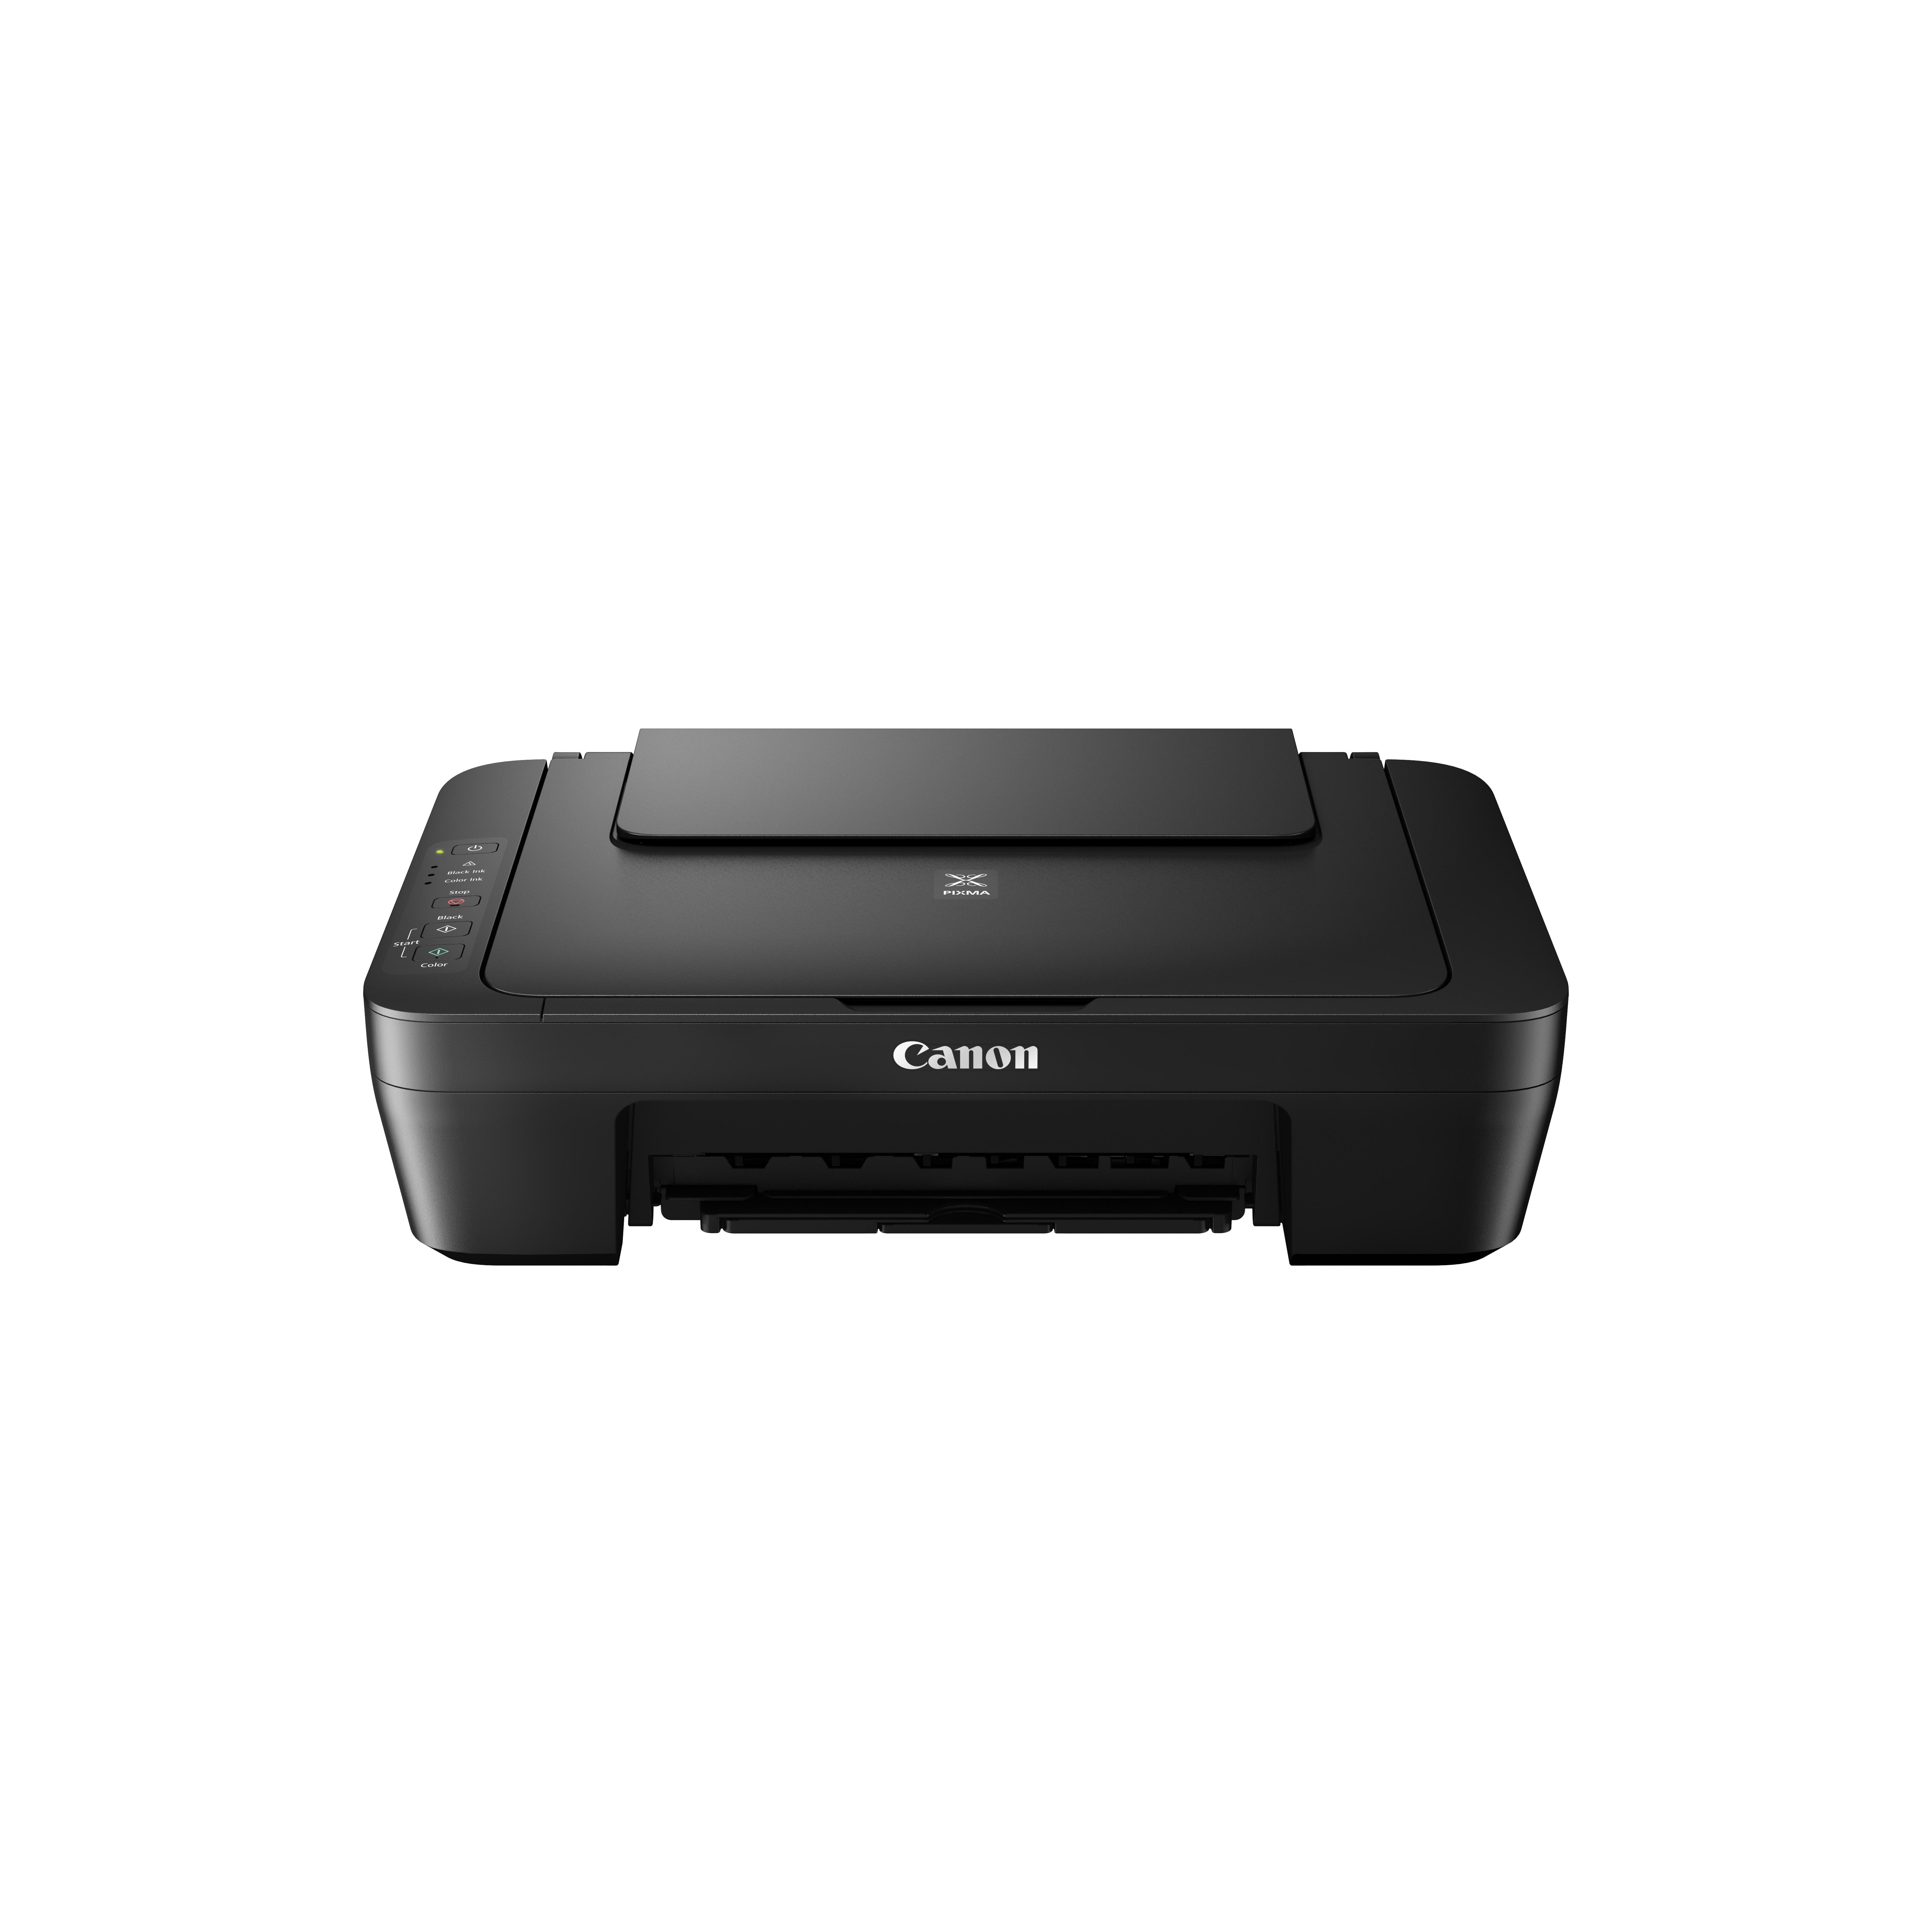 Canon PIXMA MG2555S - Multifunktionsdrucker - Farbe